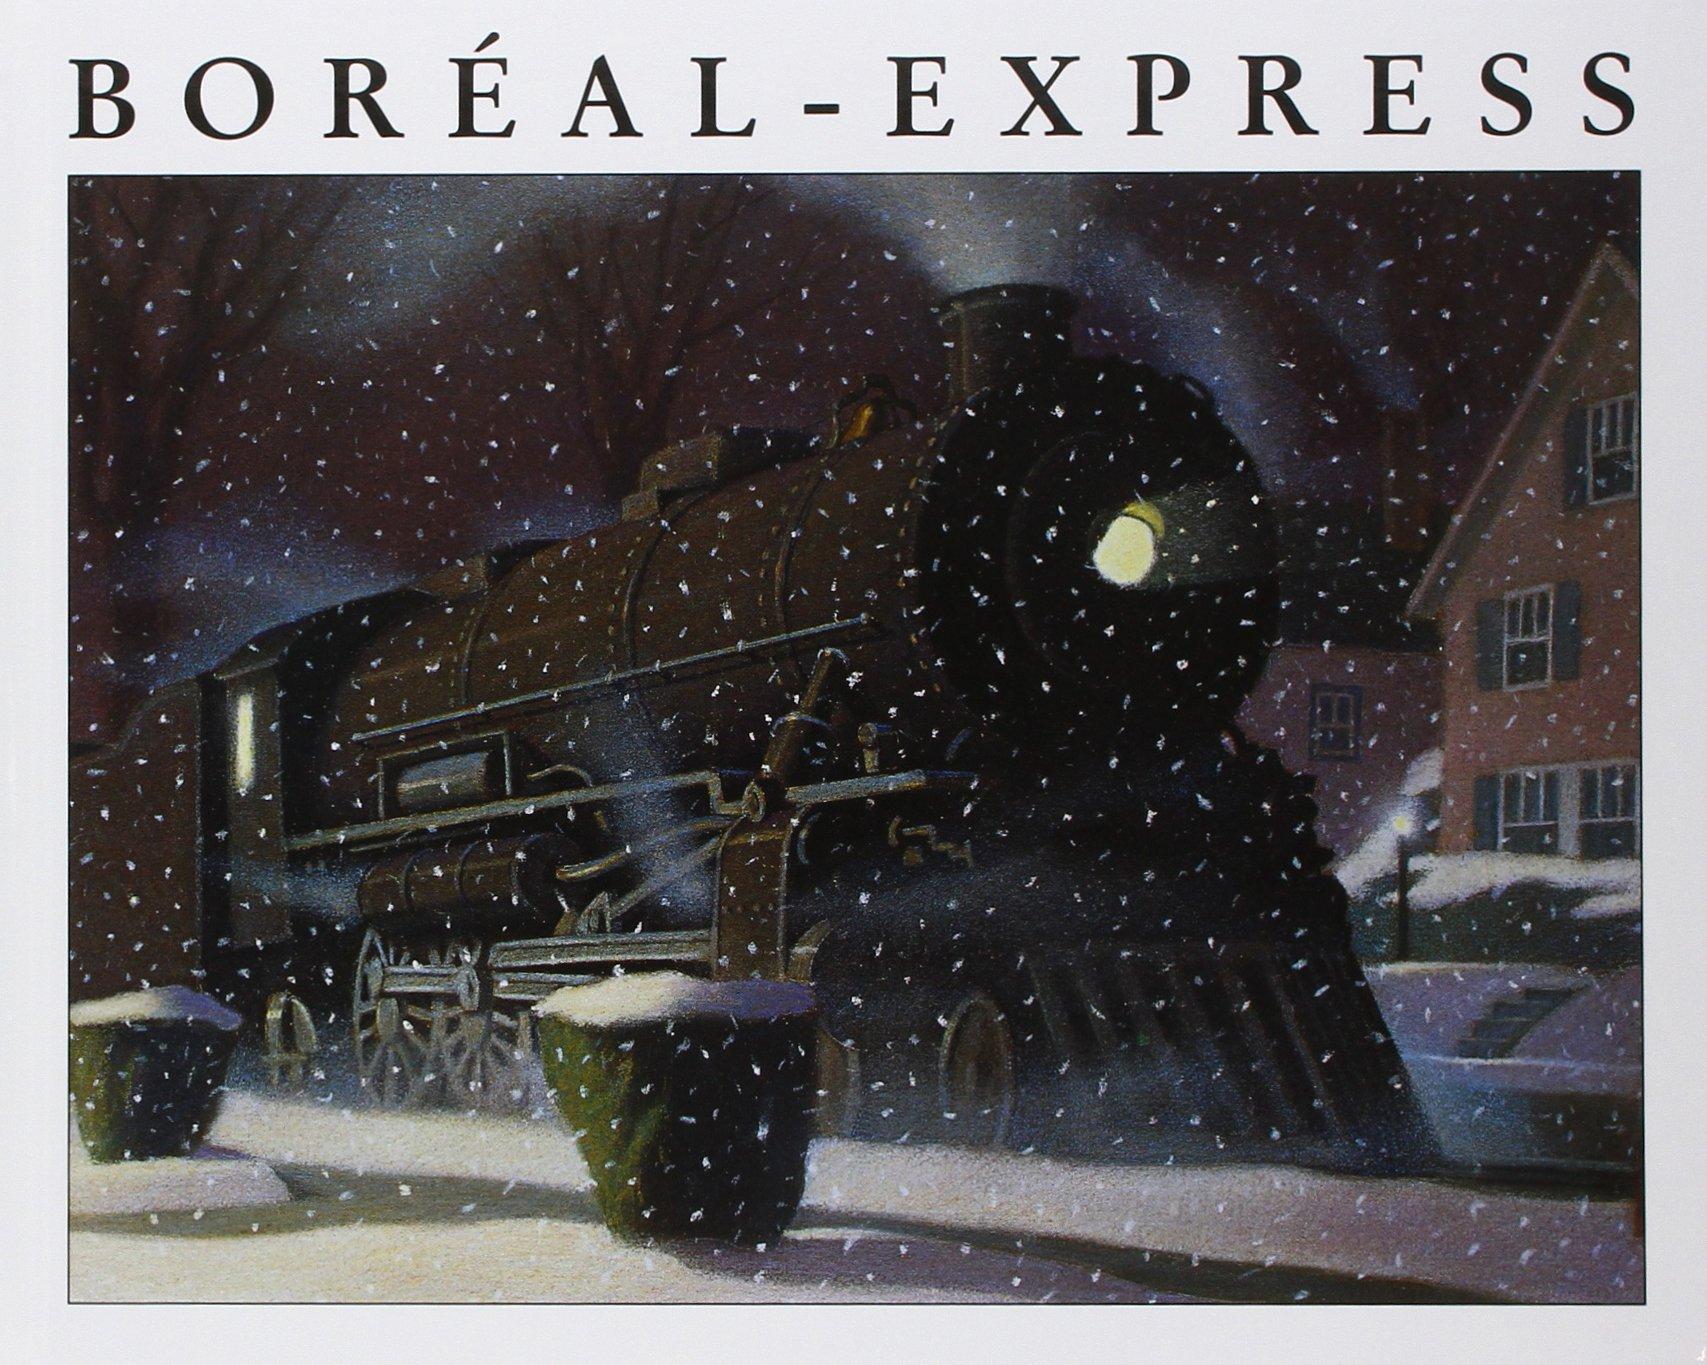 boreal express de chris van allsburg